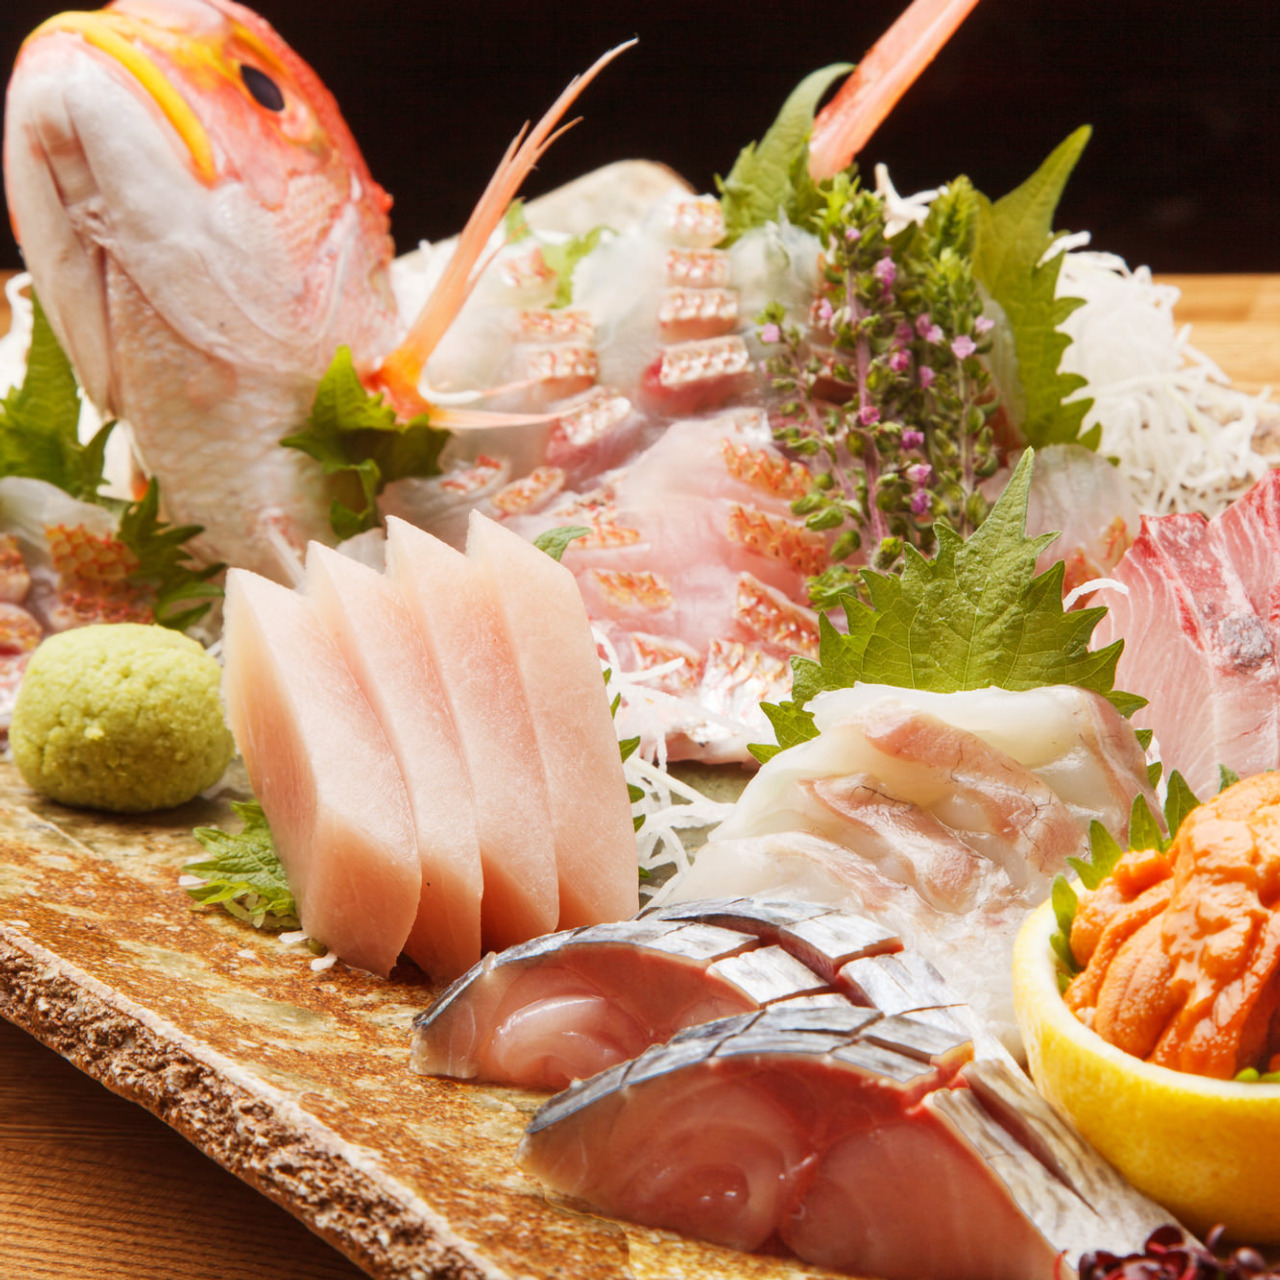 産地直送の新鮮な魚と厳選された食材をご提供します。体にも◎